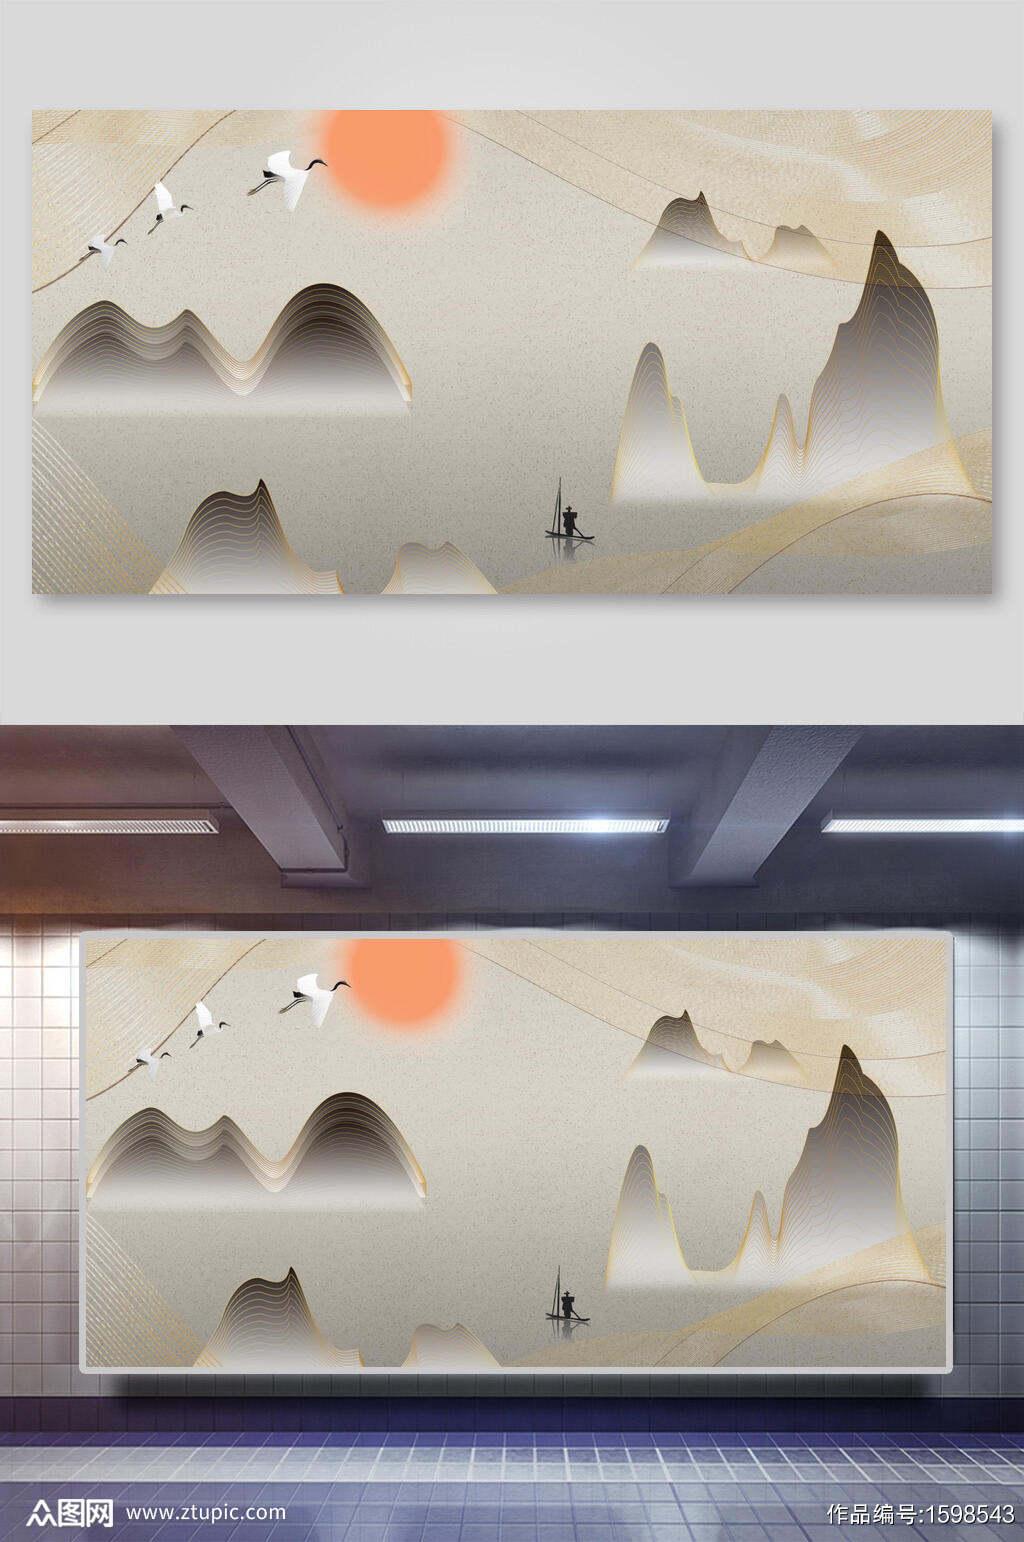 中国画风金线山水烫金国潮背景海报素材